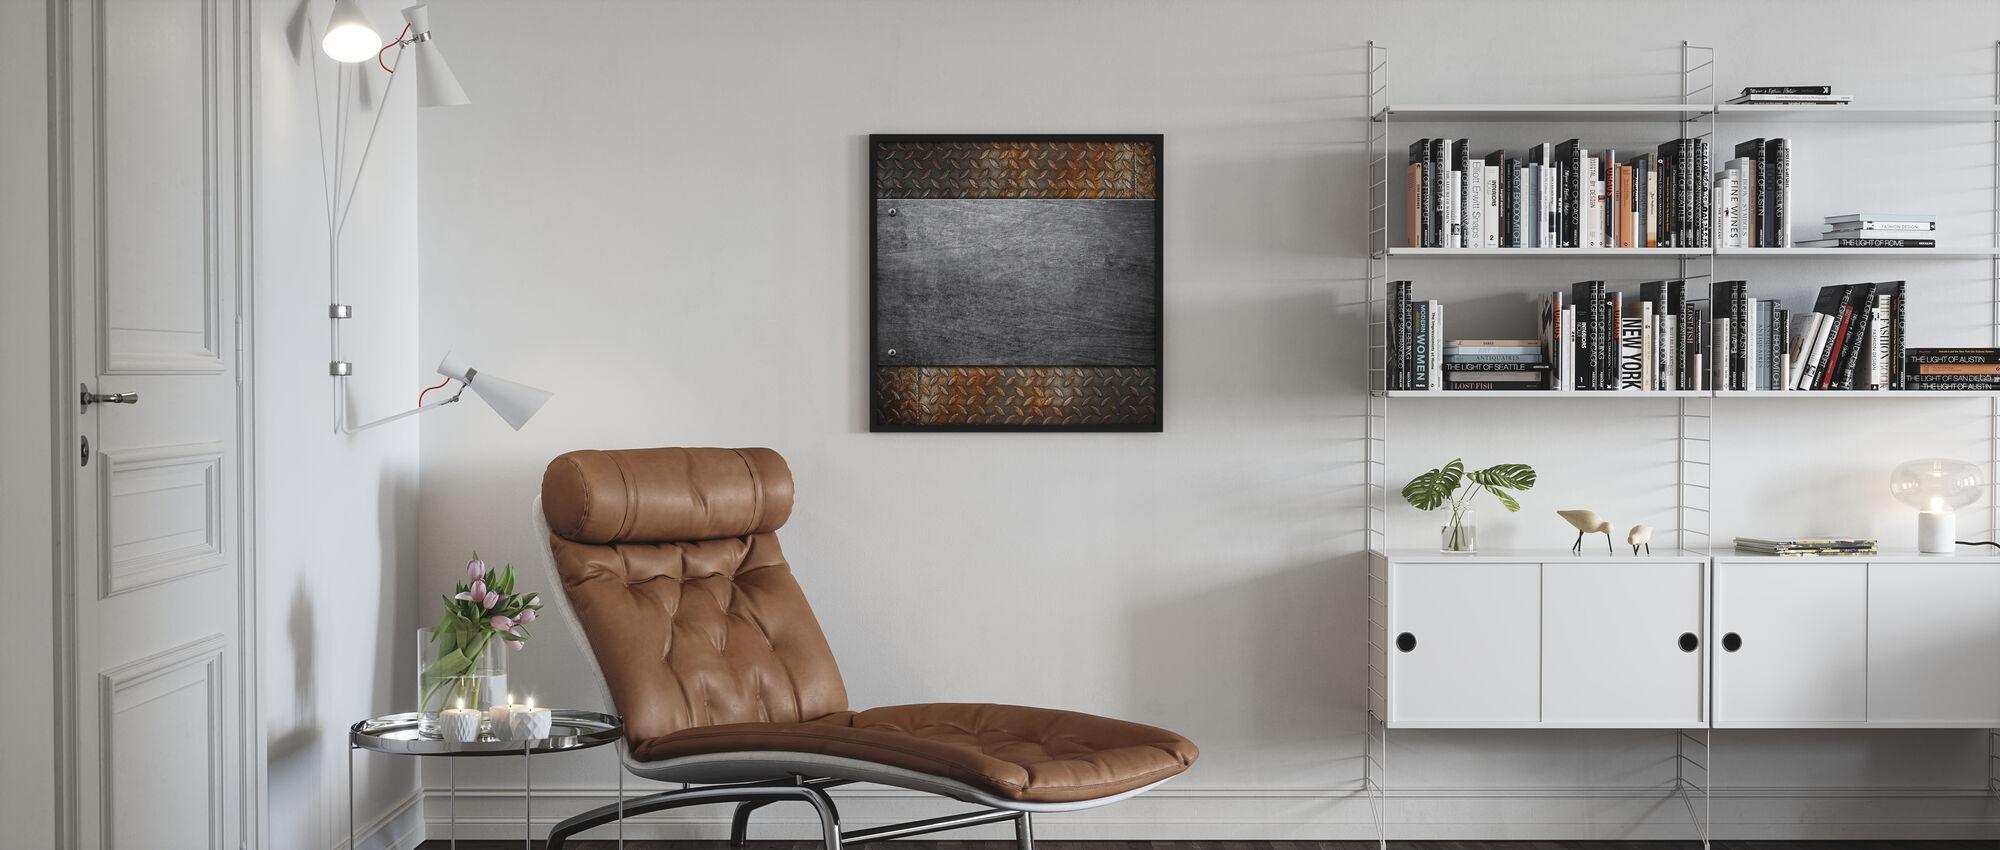 Metalli kuvio - Kehystetty kuva - Olohuone